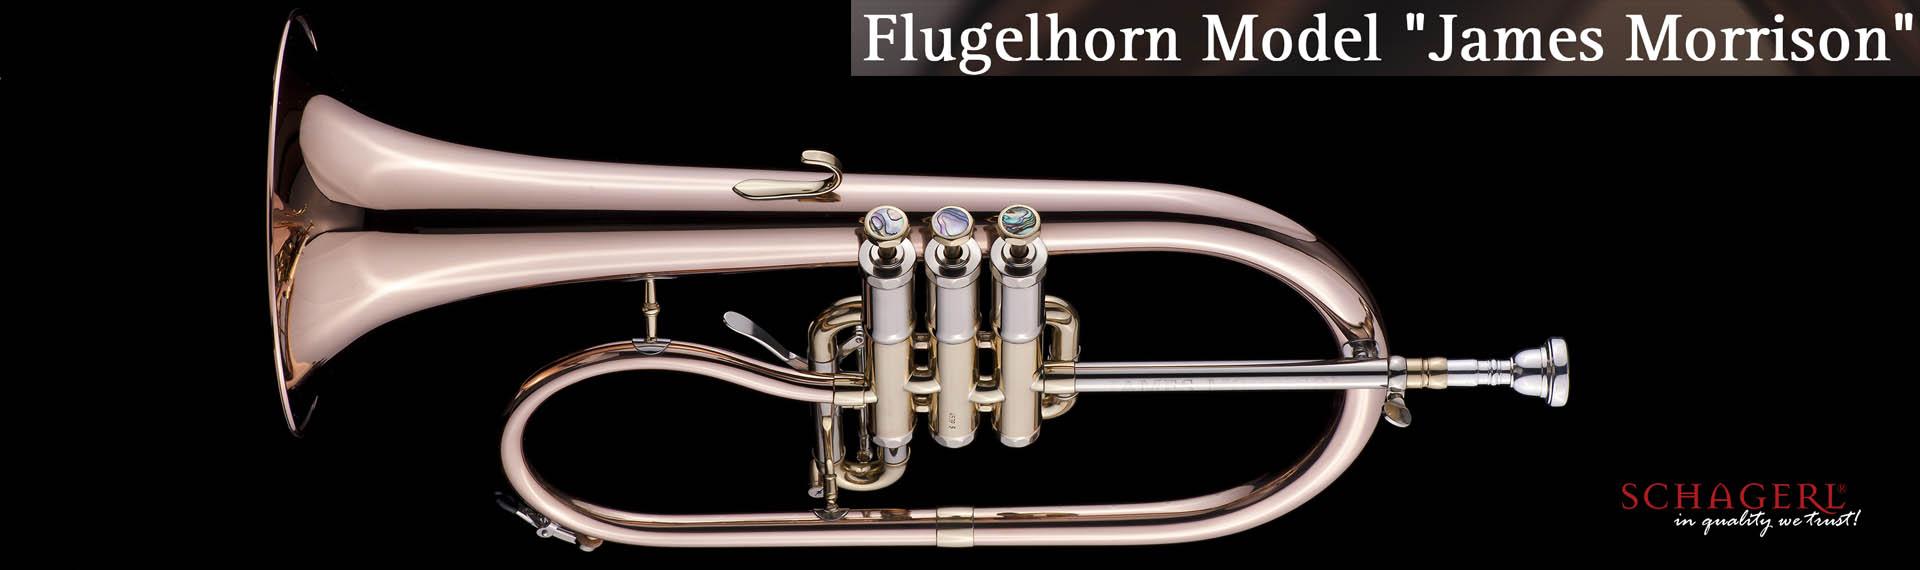 James Morrison Flugelhorn